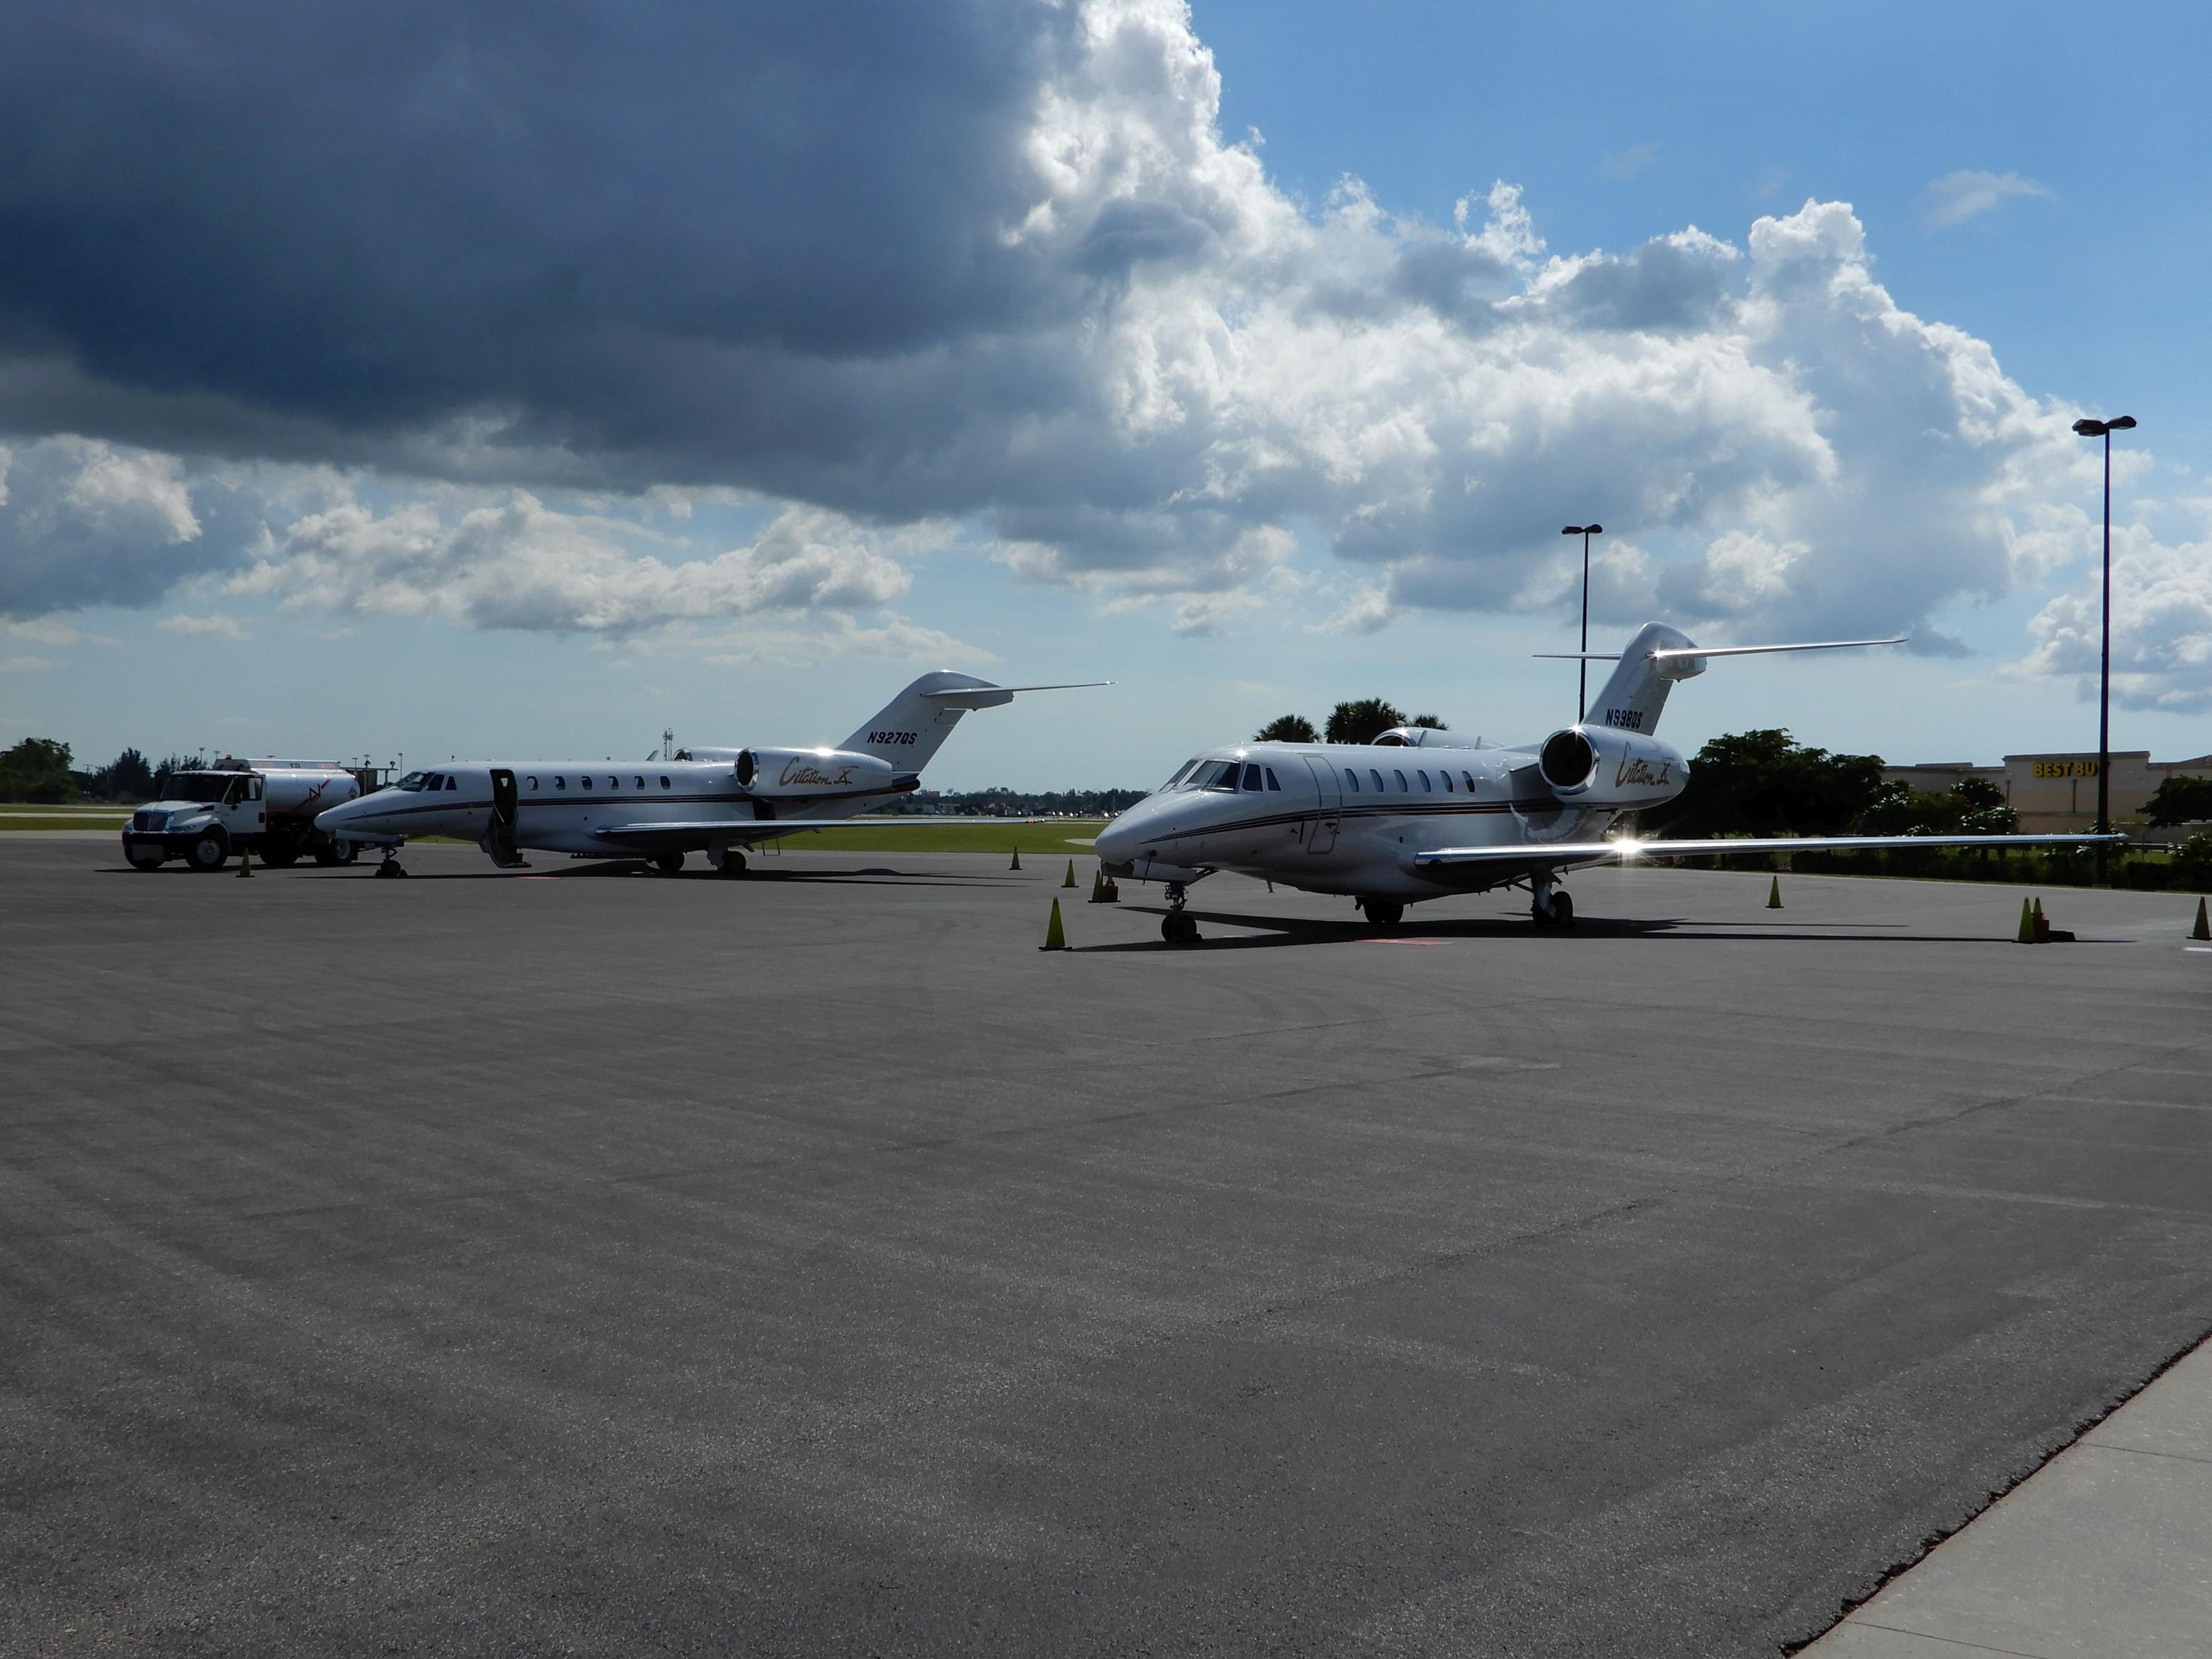 Čilý provoz korporátních letadel na letišti Page Field u Fort Mayers (KMYF)